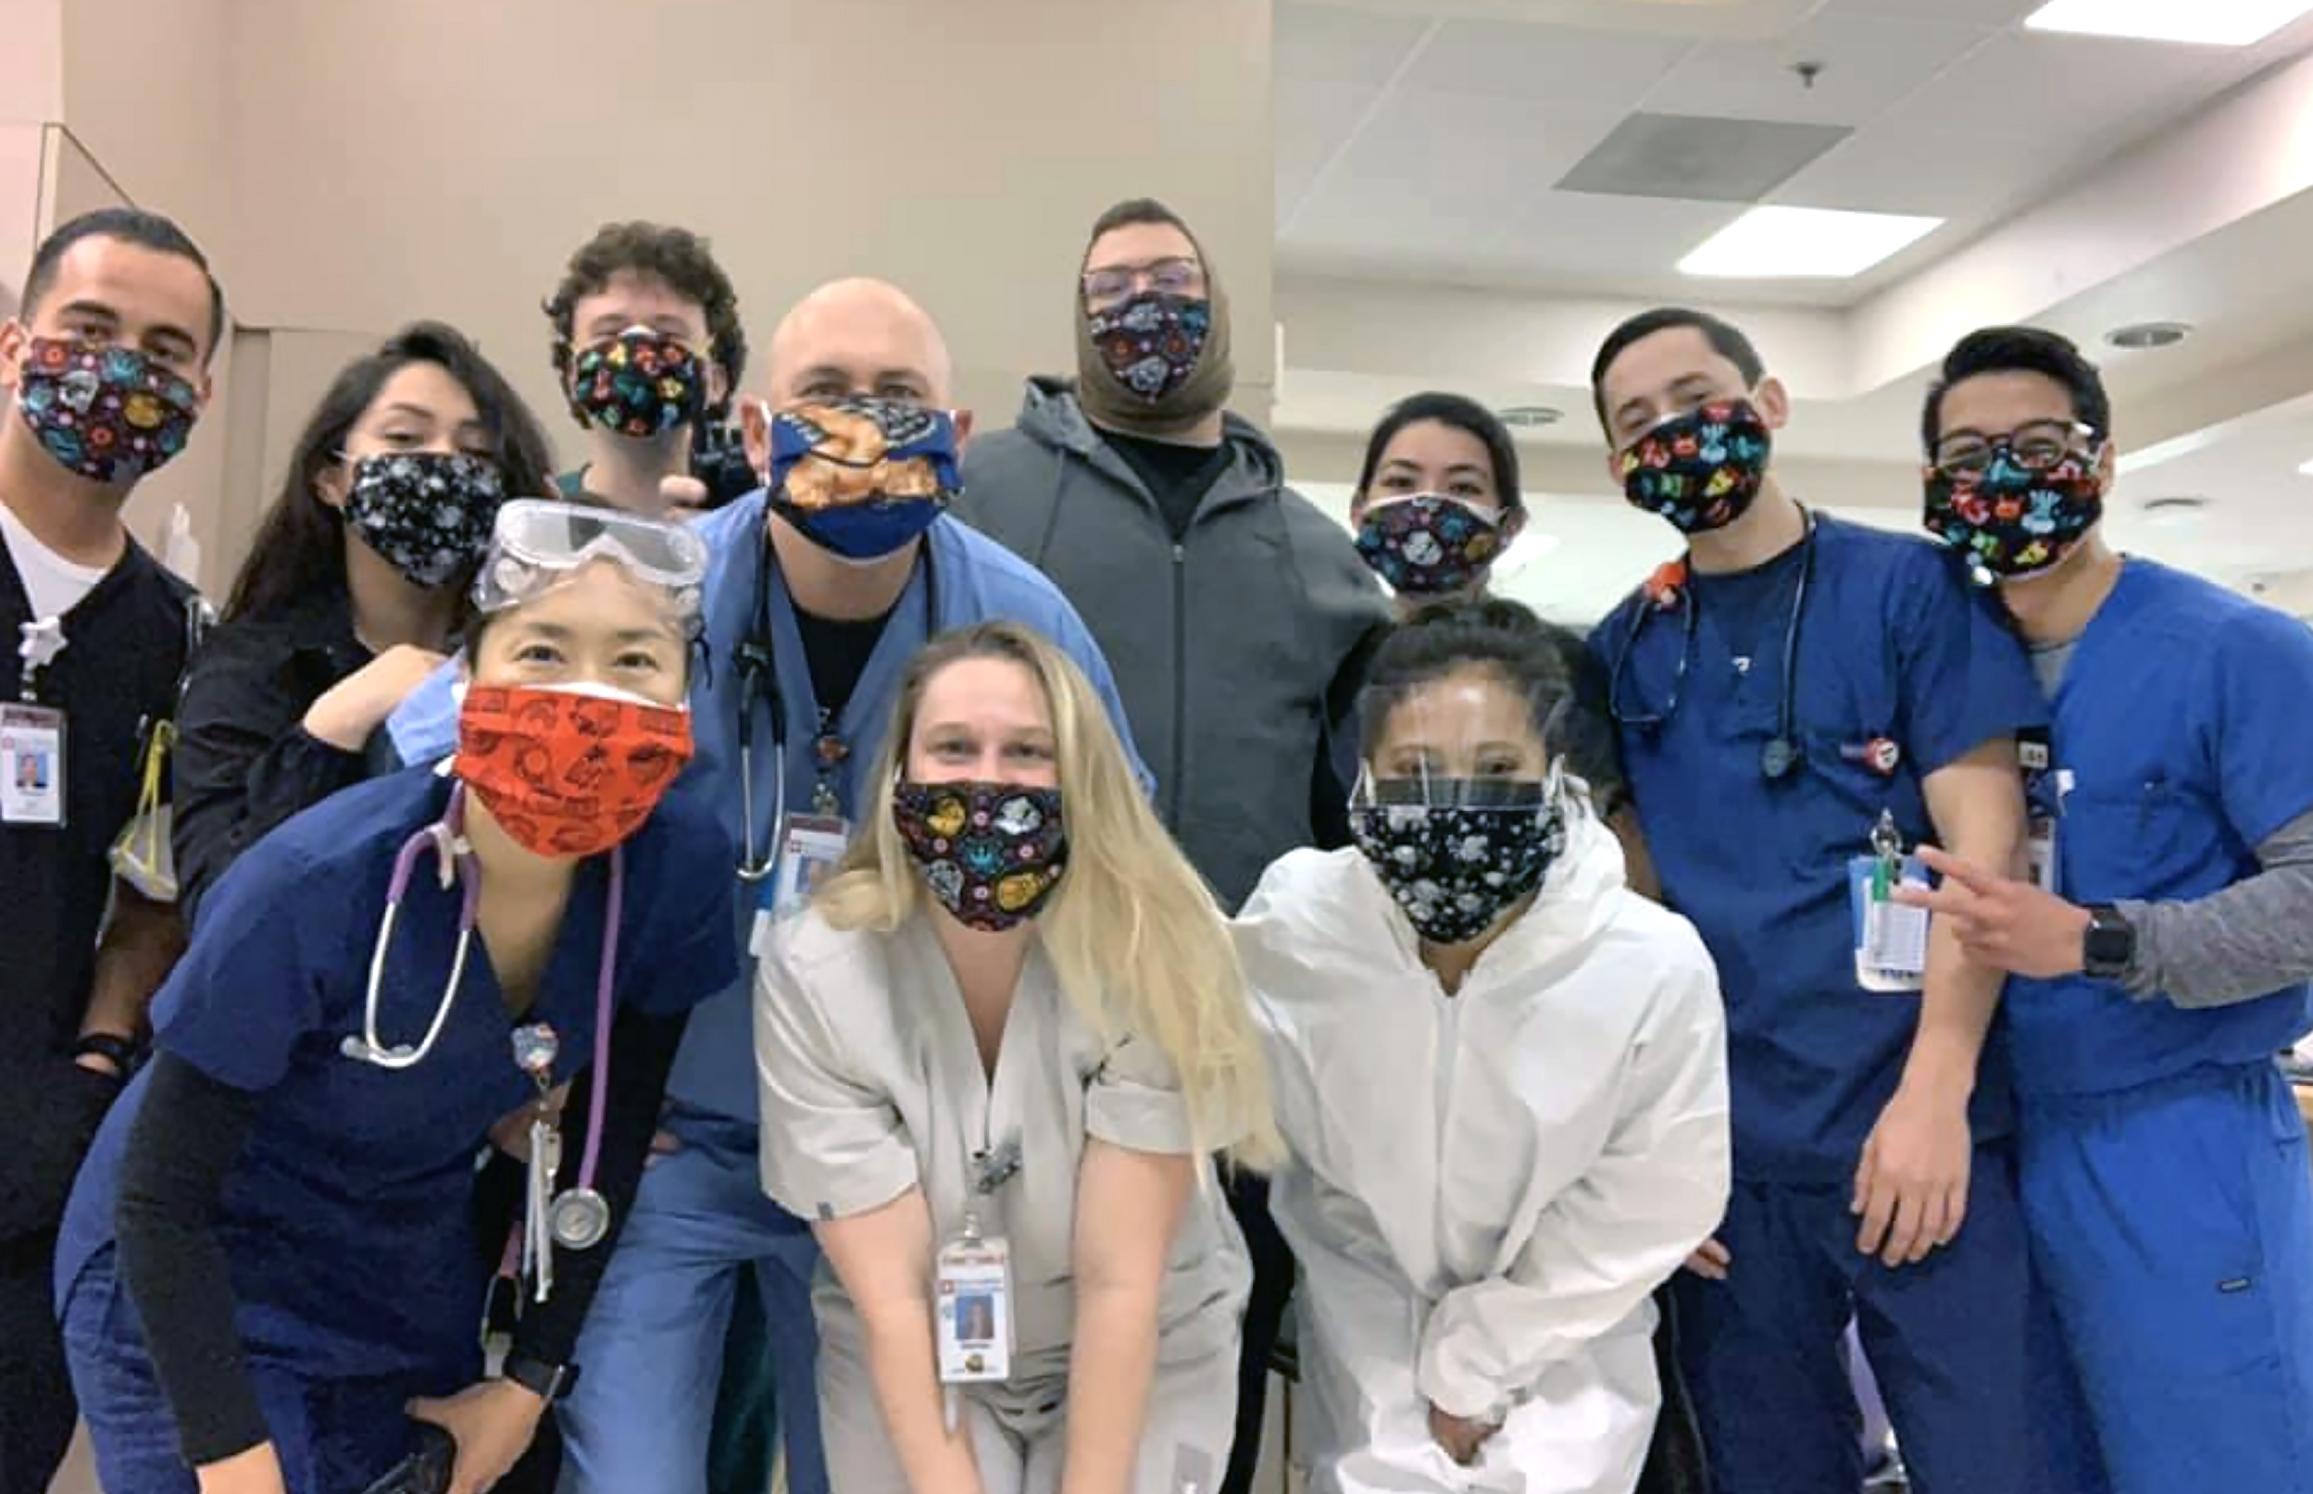 Yıl sonuna kadar maske takacağız